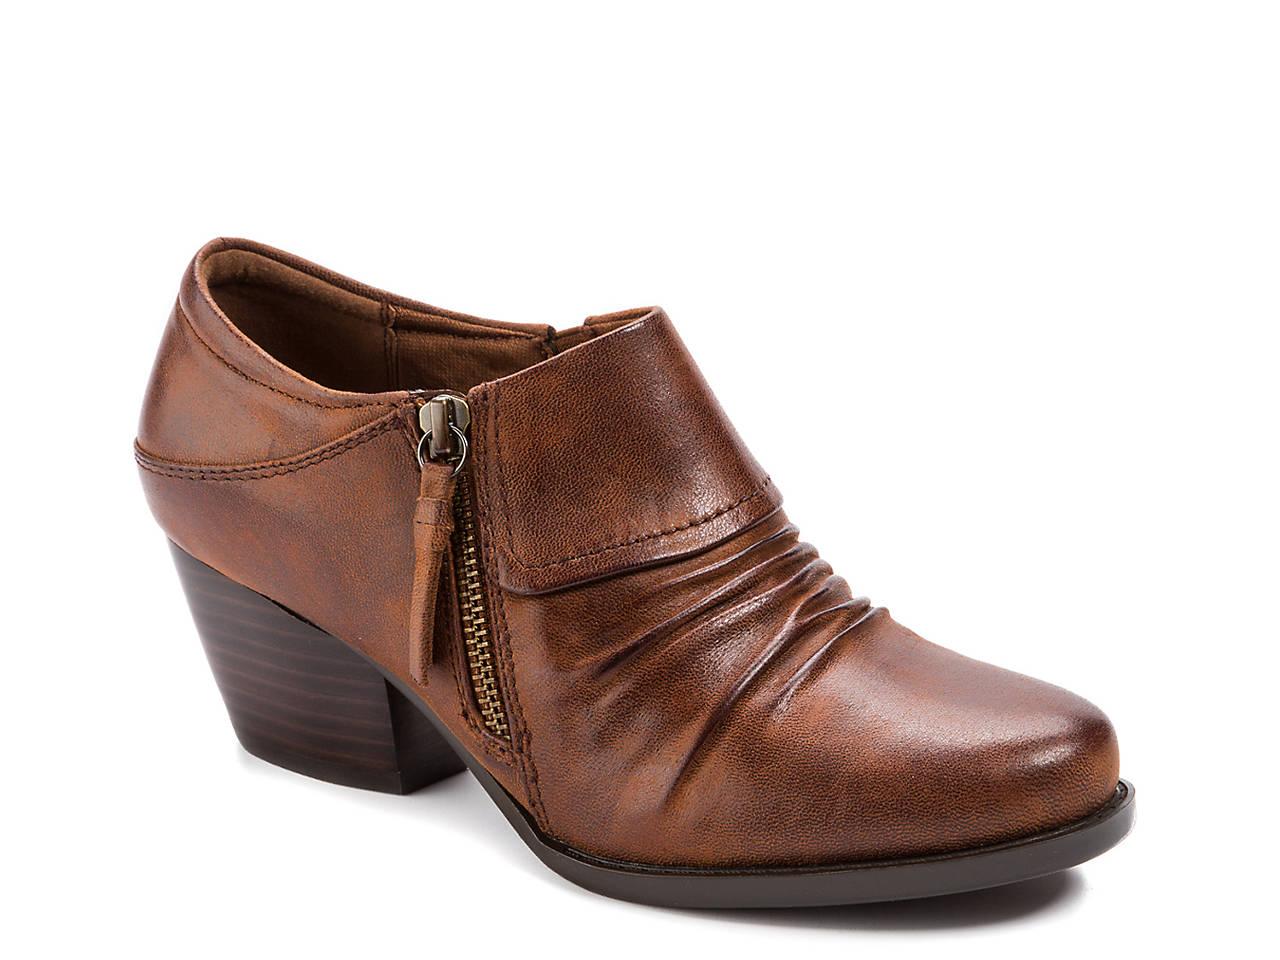 bf6ba53dcdc Bare Traps Raini Bootie Women s Shoes